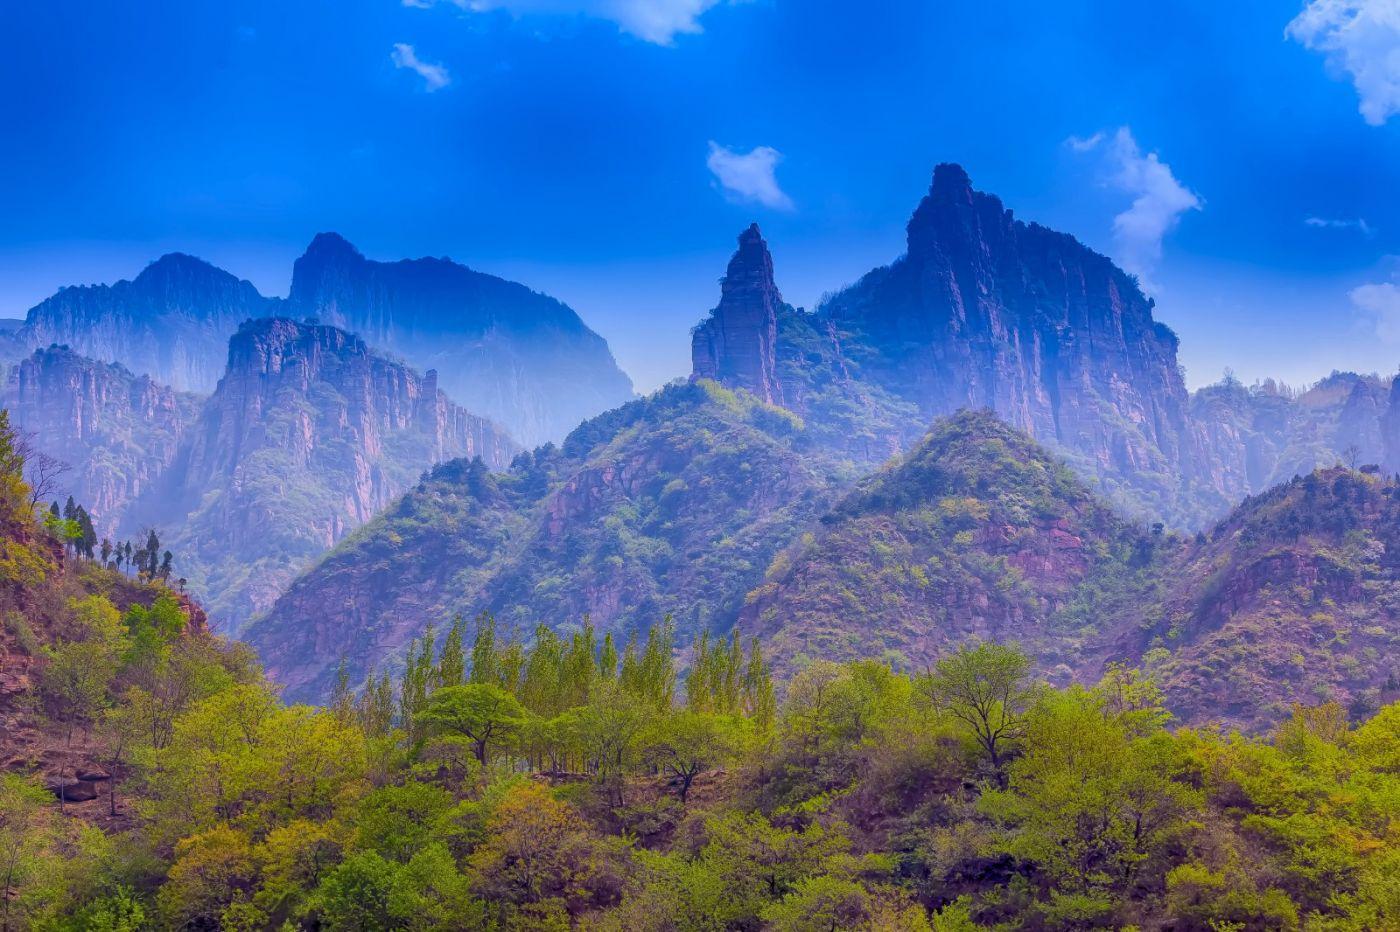 崖壁上的古村落 郭亮村 绝处也有风景_图1-2